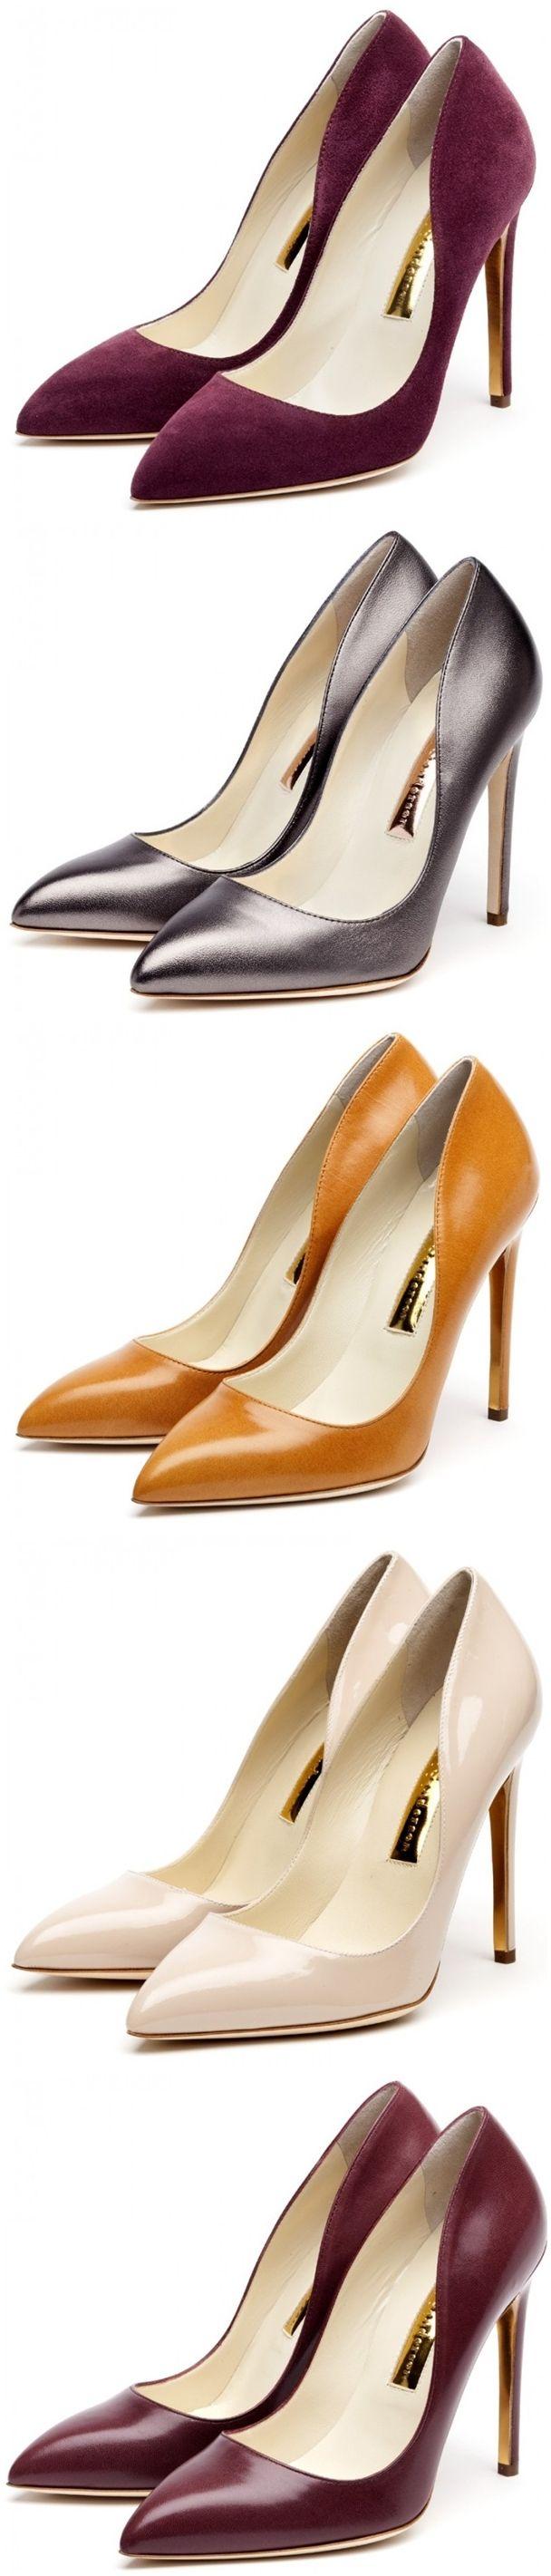 161 besten rupert sanderson bilder auf pinterest bella for Schuhschrank jimmy